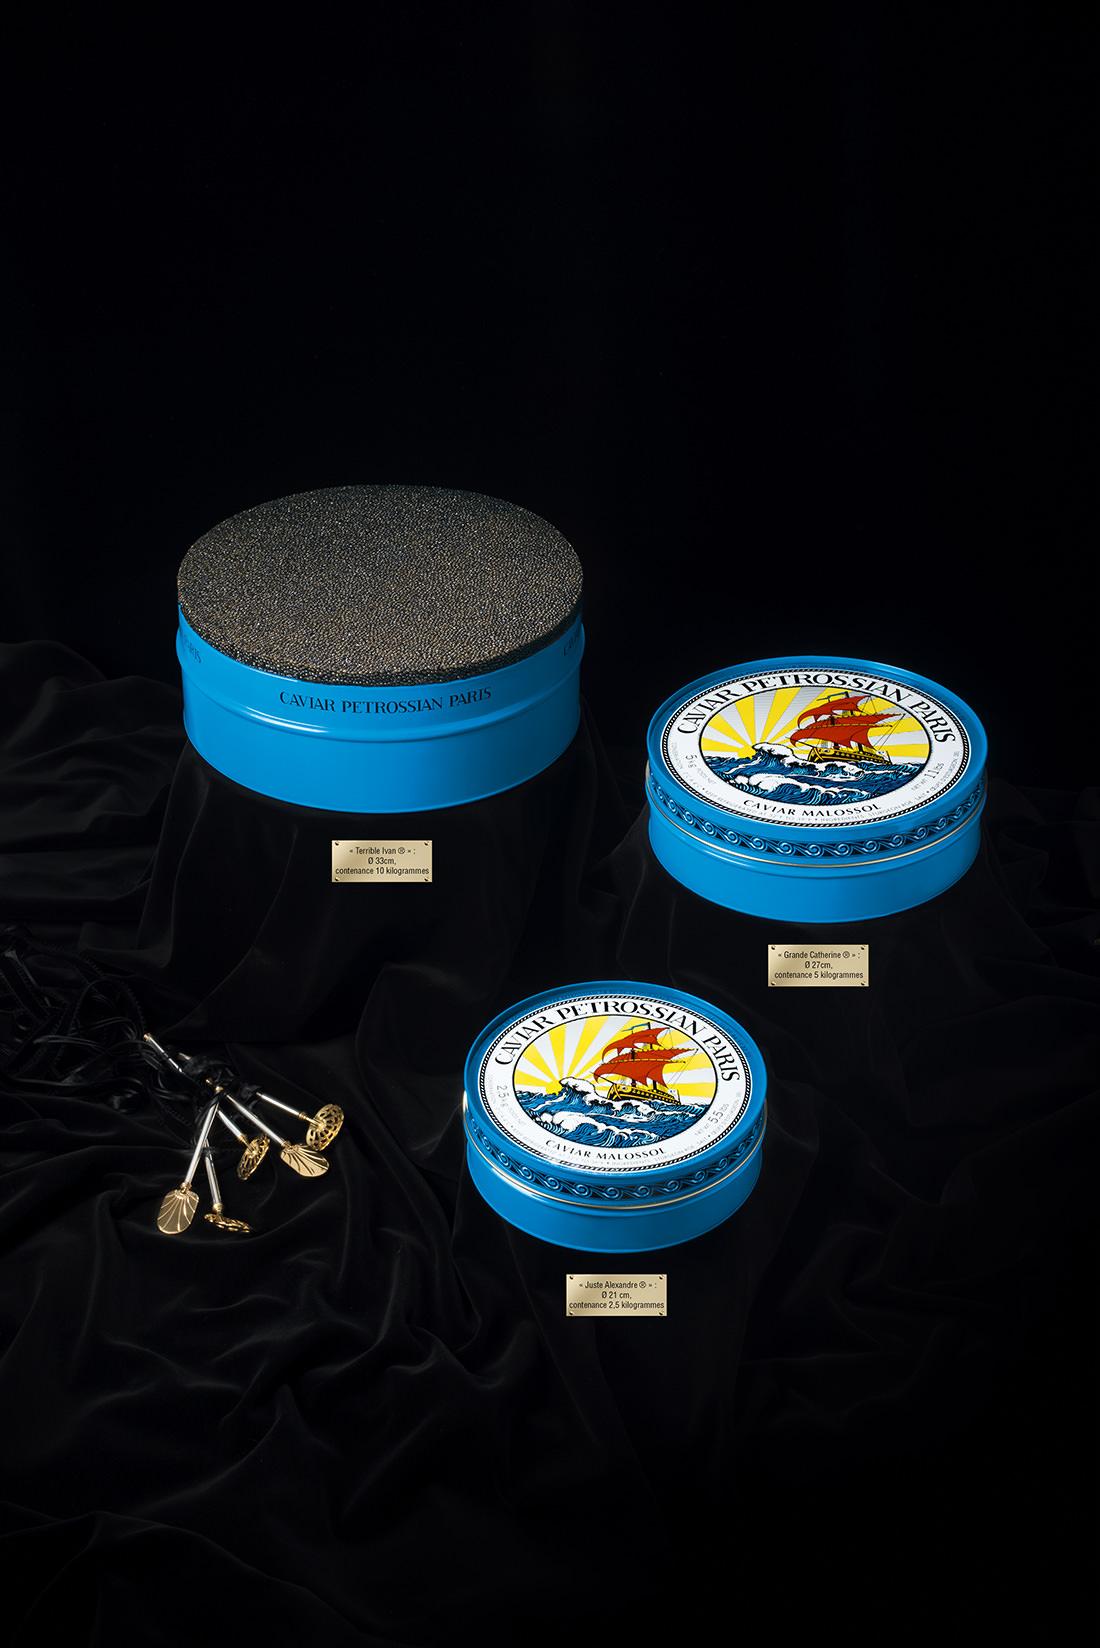 caviar-petrossian-2